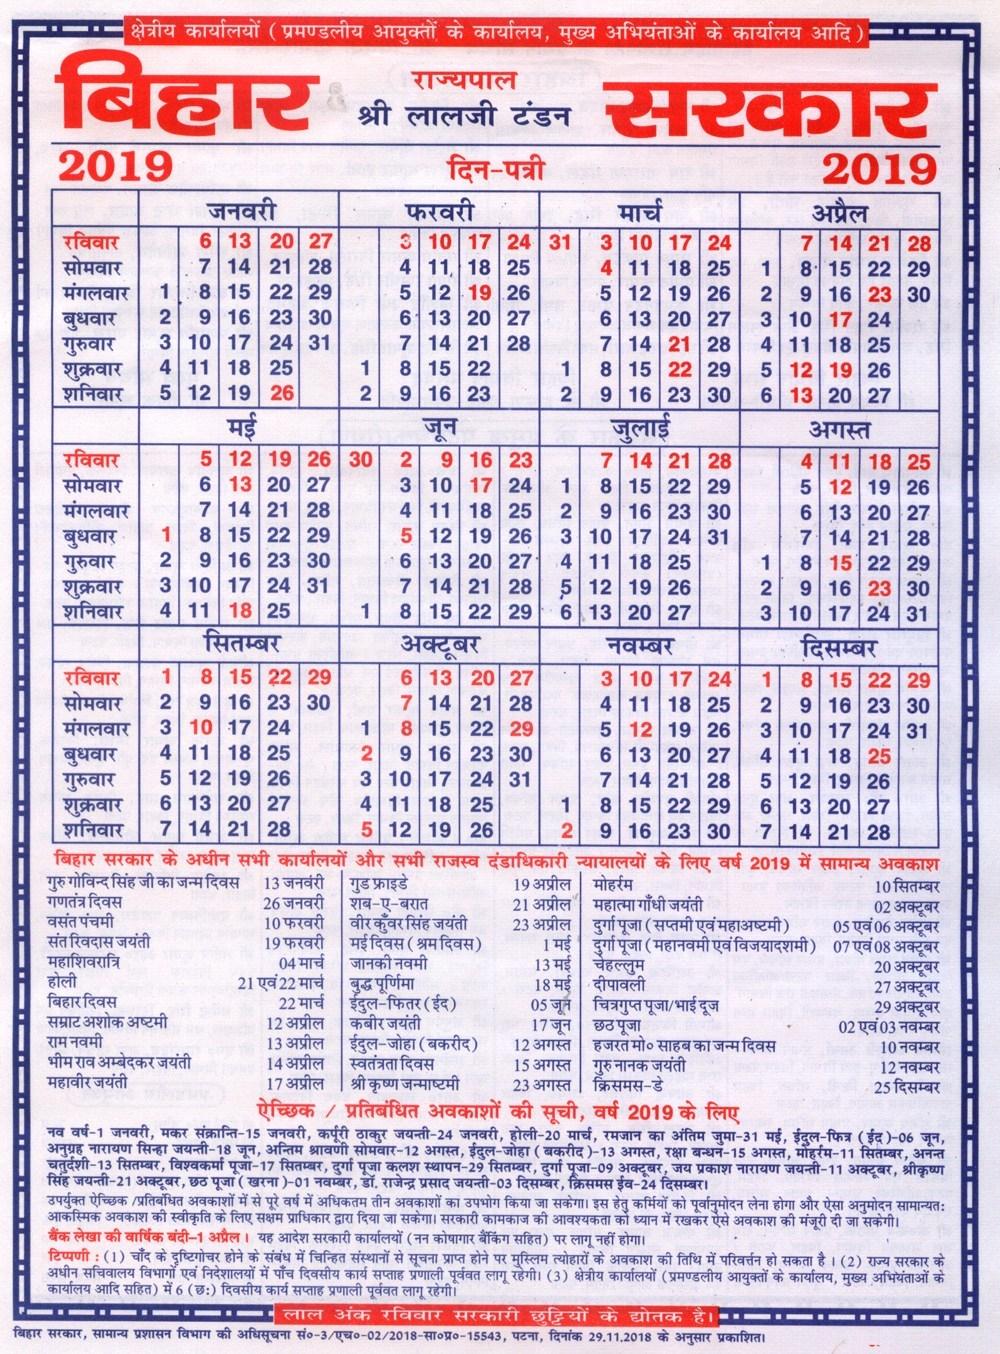 Bihar_Government_Calendar2019 | Bihar School regarding Calendar 2020 Bihar Sarkar